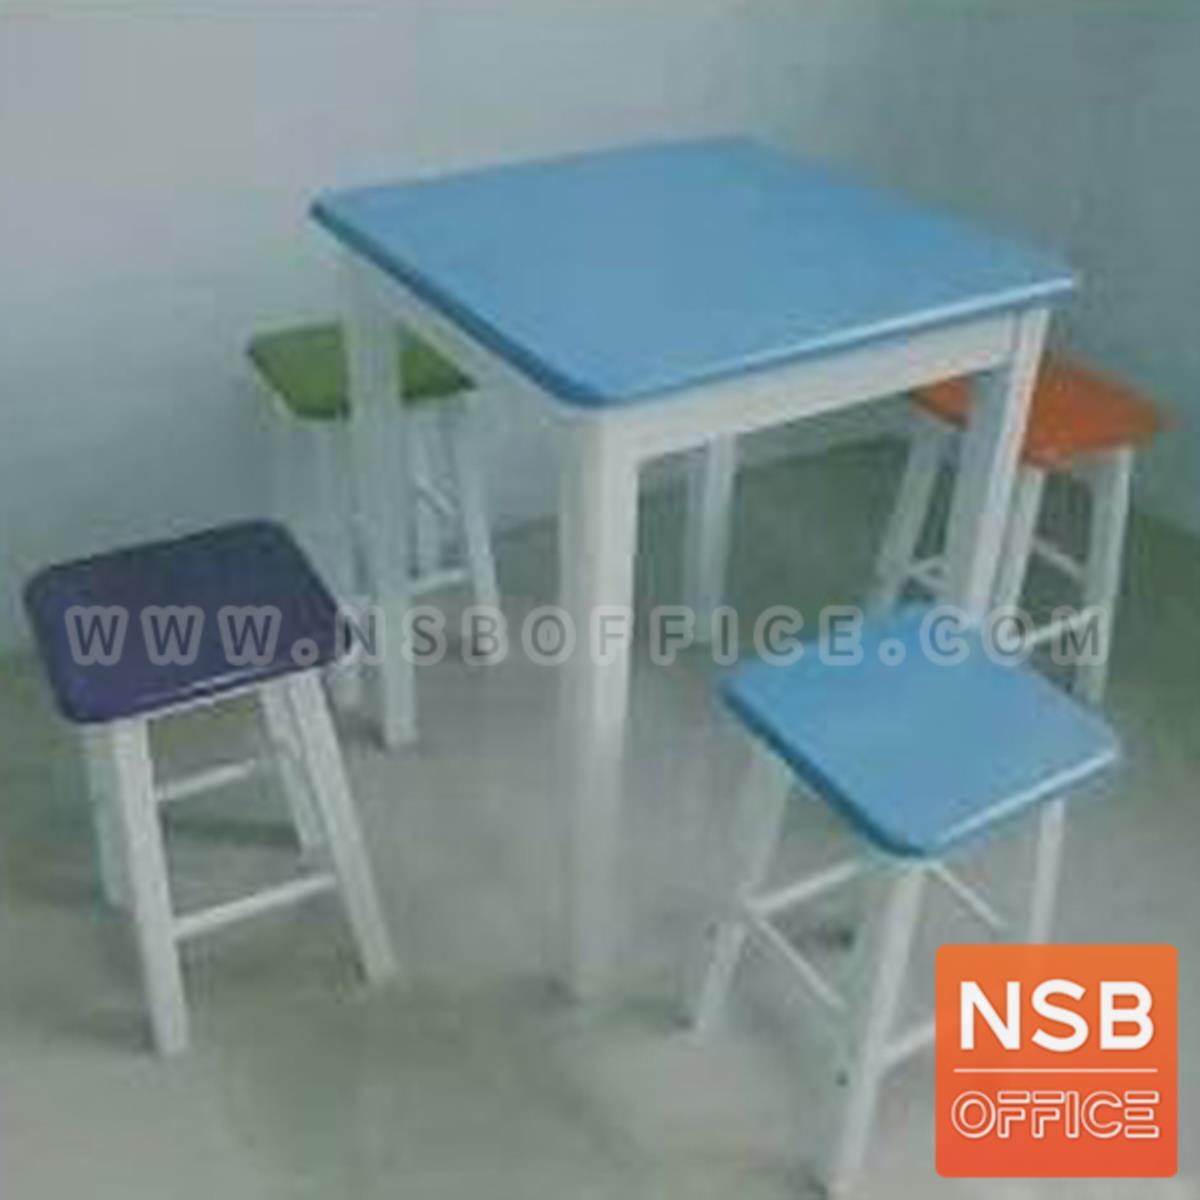 G20A006:ชุดโต๊ะรับประทานอาหารไม้ยางพารา รุ่น Brody (โบรดี้) ขนาด 60Di,75Di cm. ขาไม้จริง